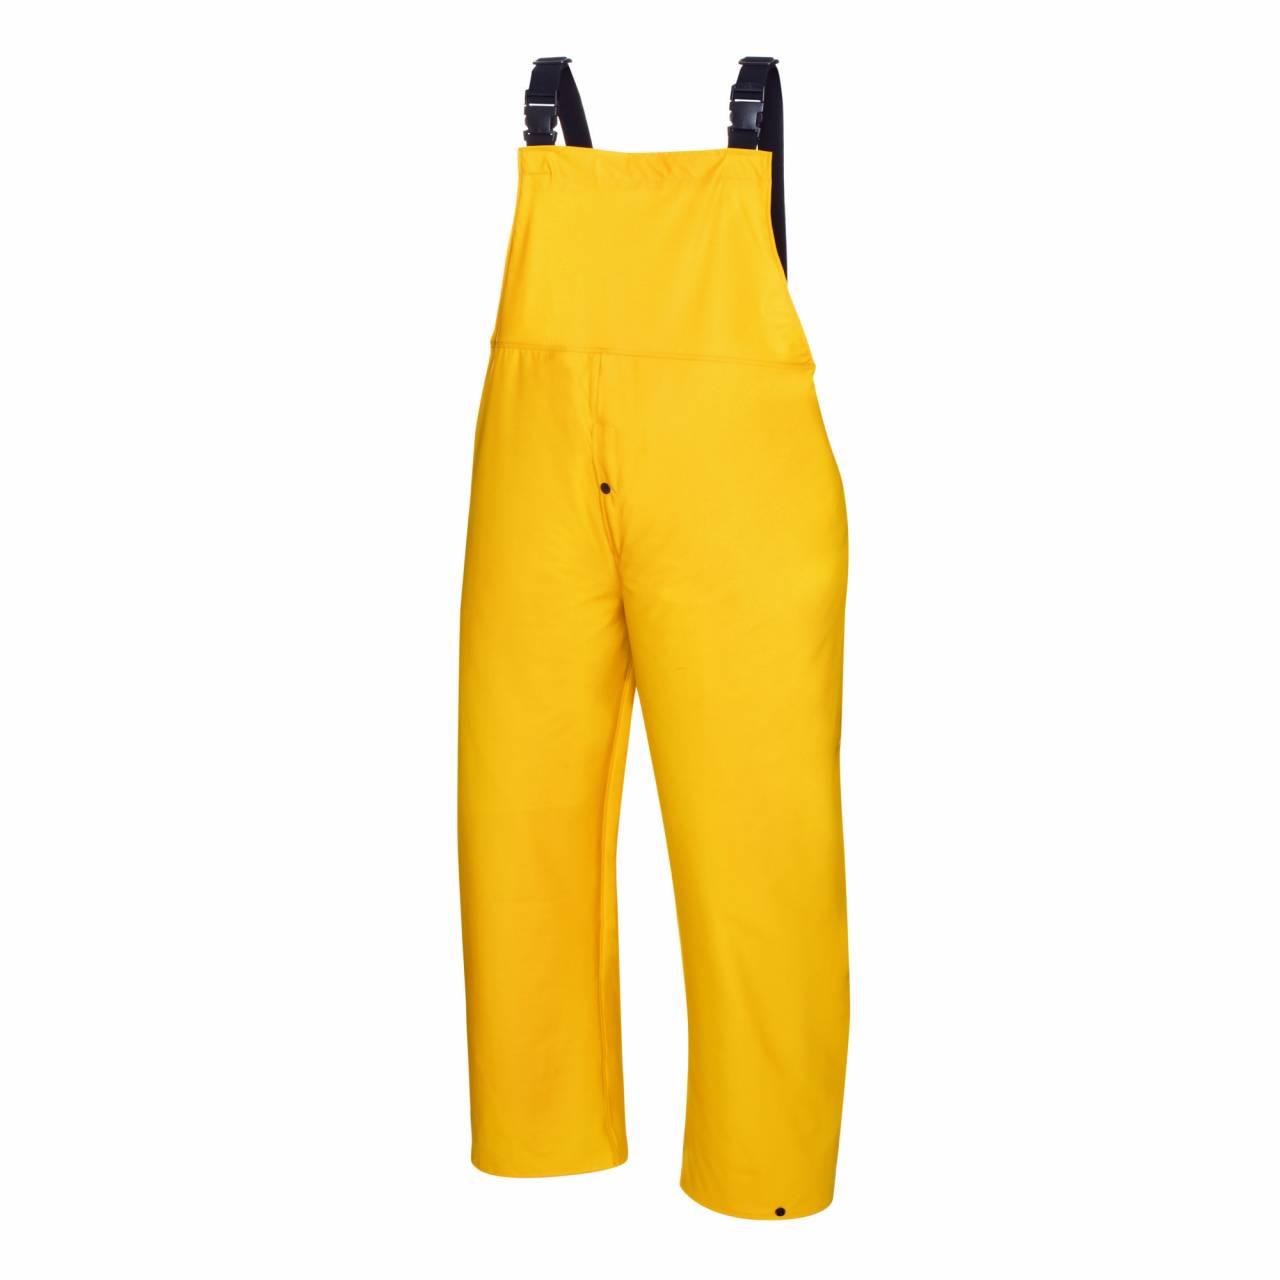 PU-Regenschutz-Latzhose gelb, Gr.XL